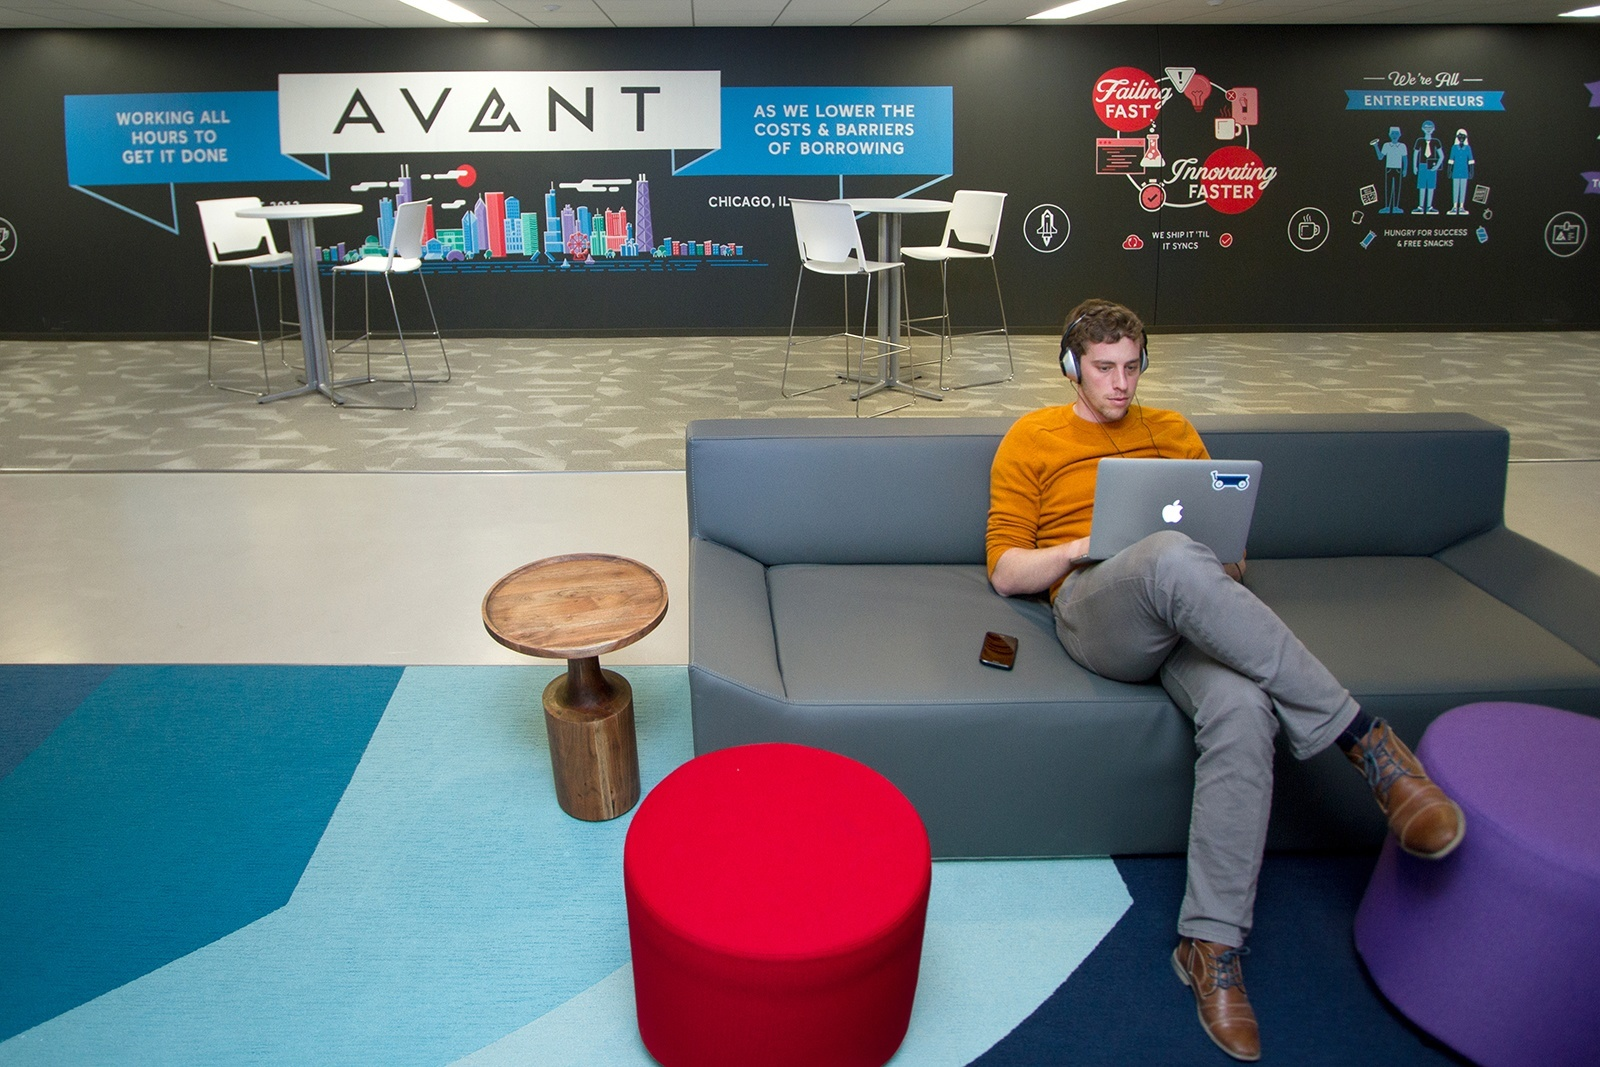 avant-chicago-office-8